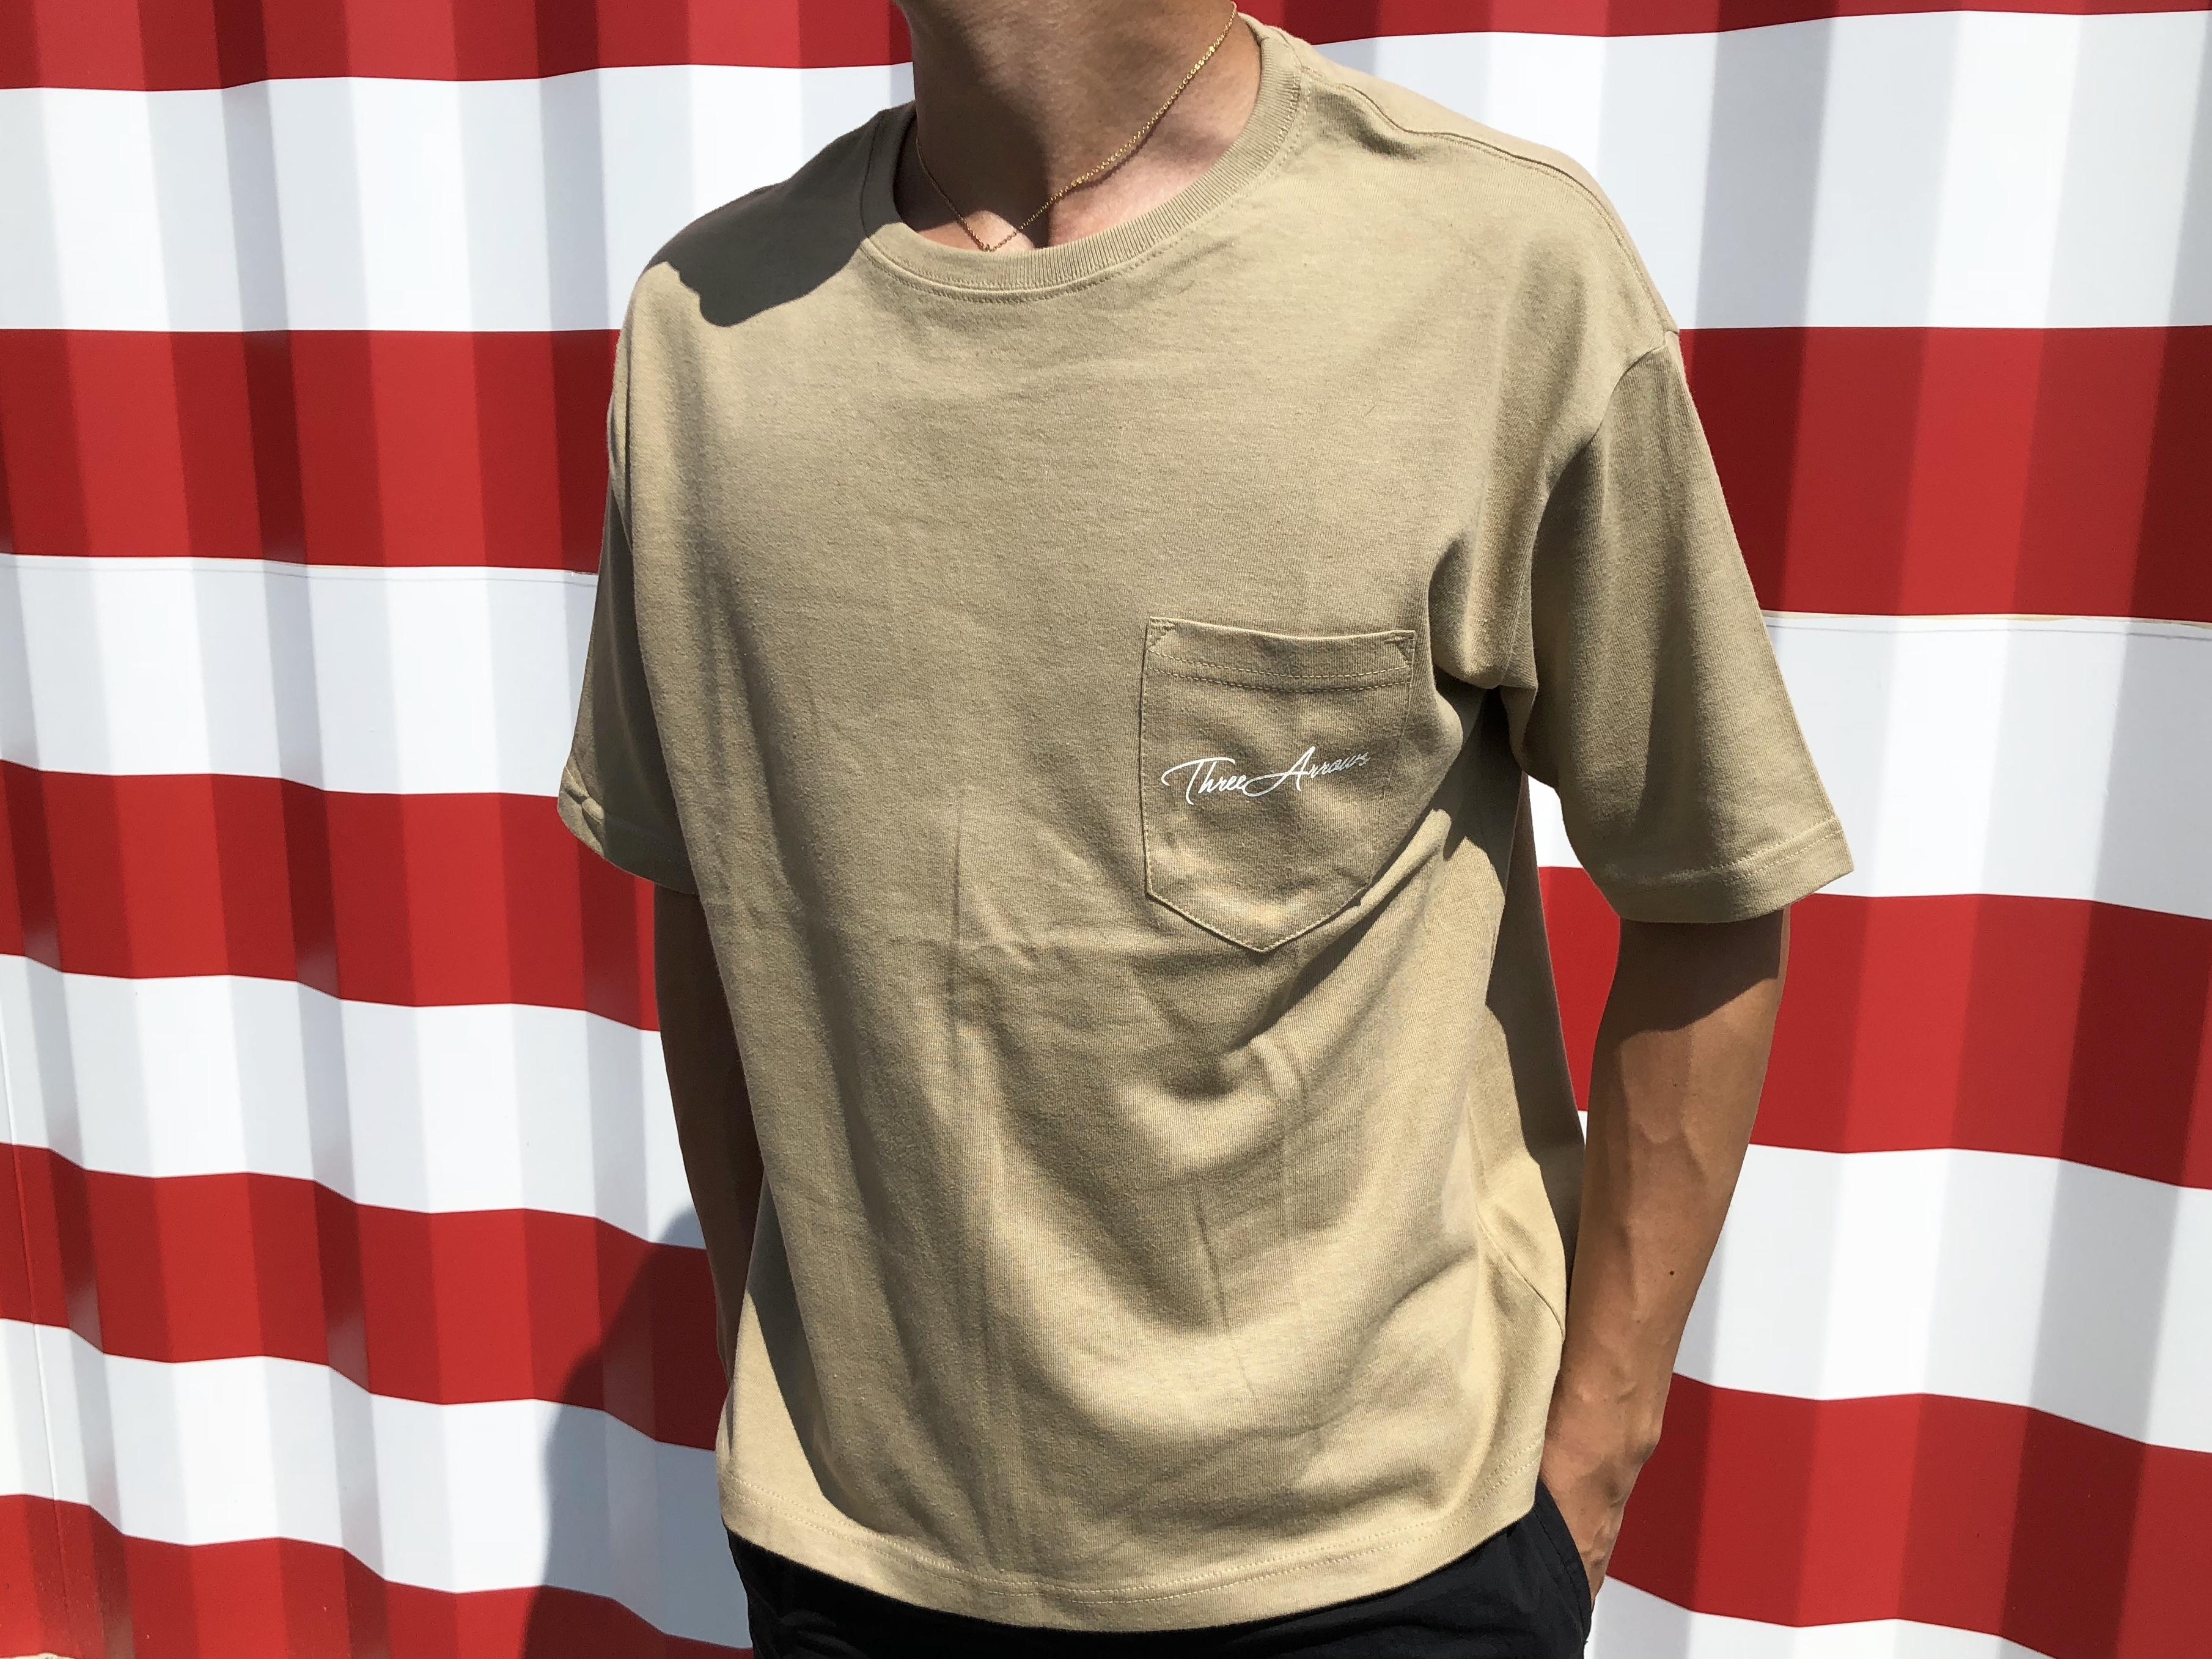 【7/10 21:00 Re stock】ThreeArrows ポケット付きBIGシルエットTシャツ(beige)